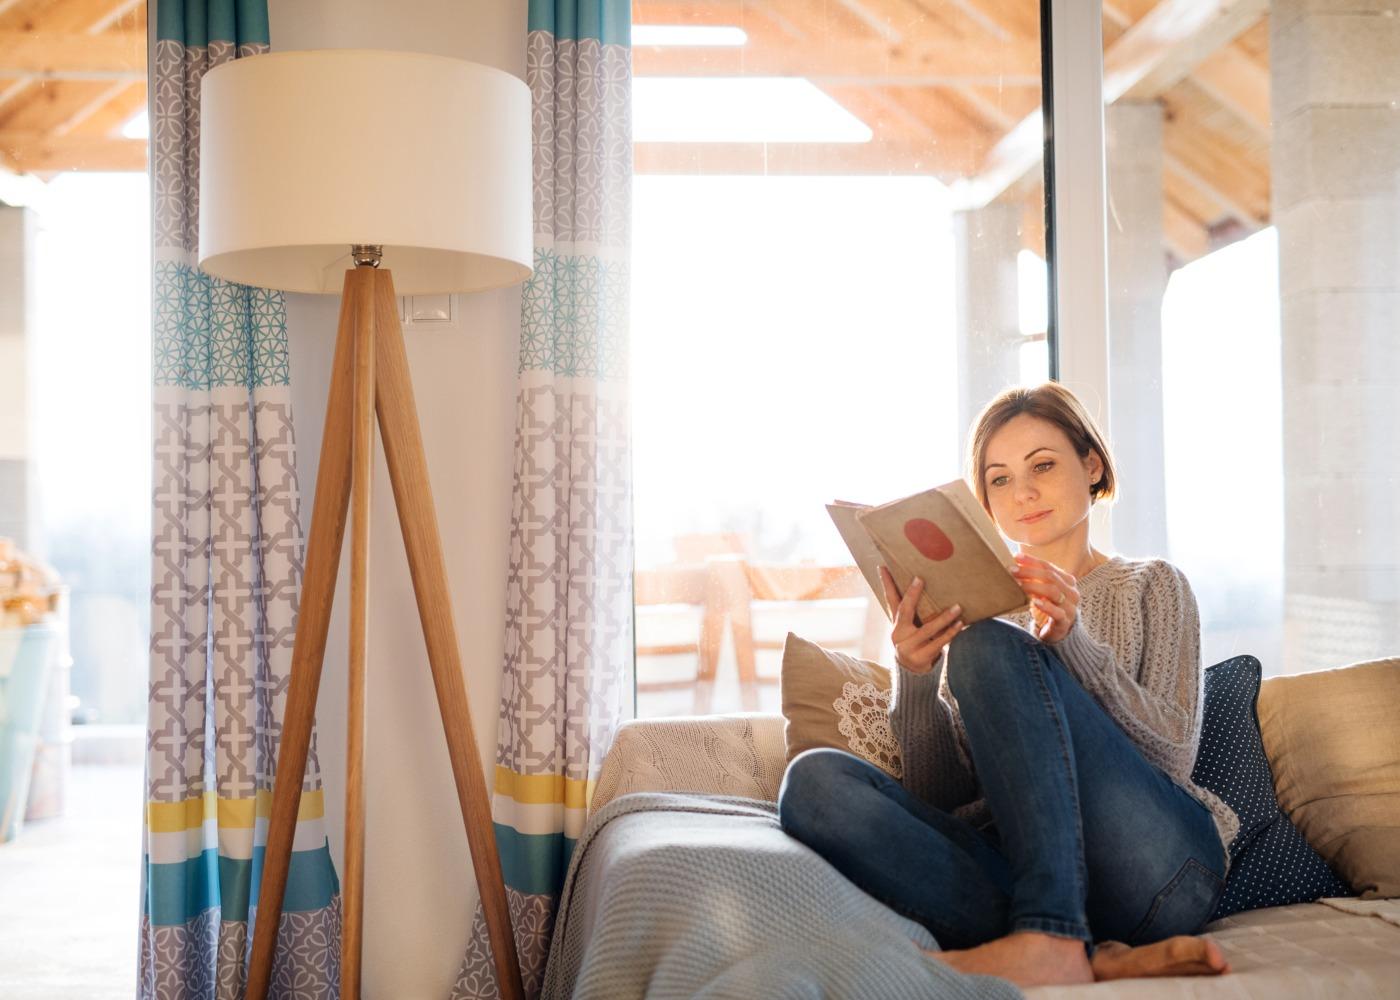 leitura livros sofá casa